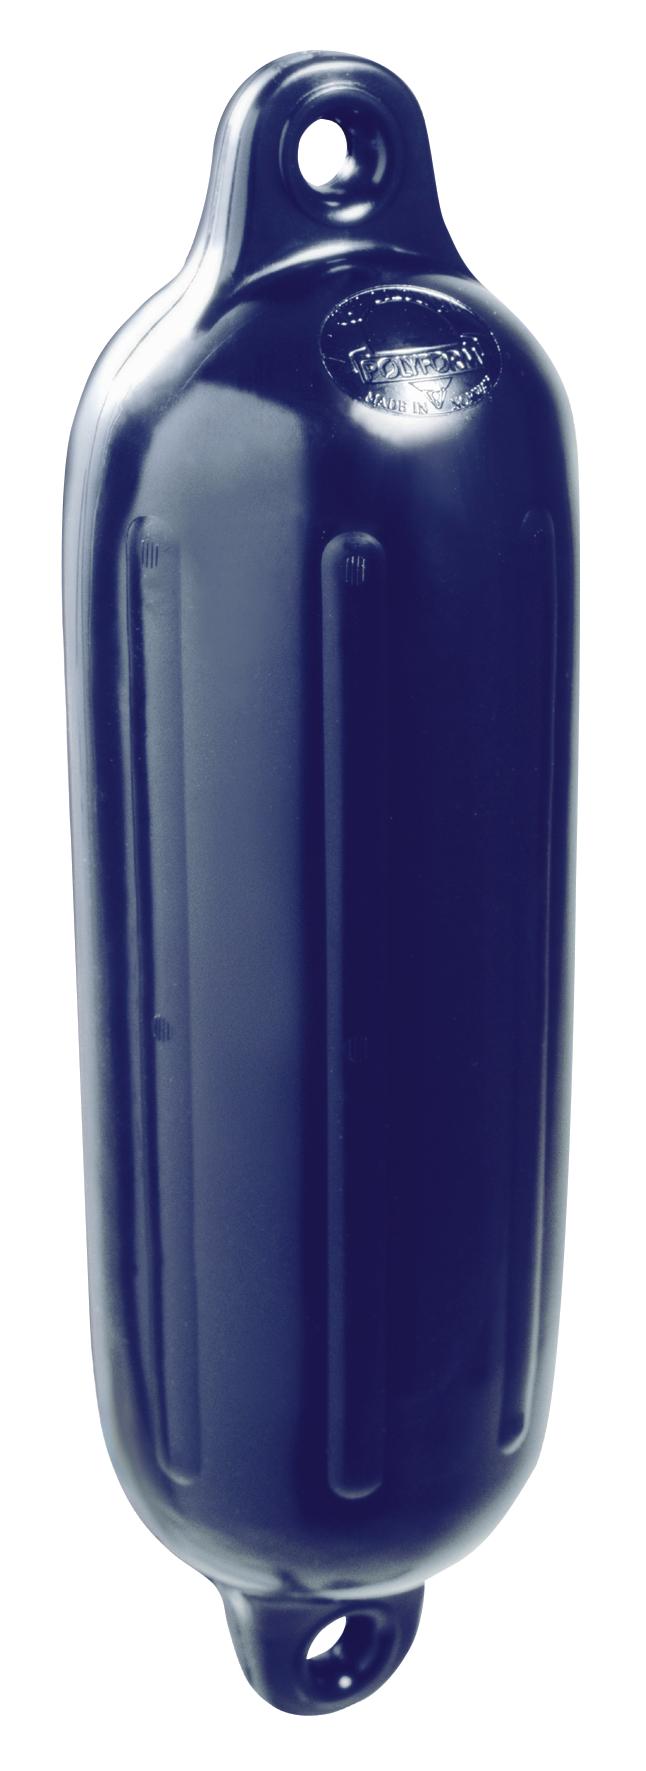 Fendert g3 blå 145×515 mm